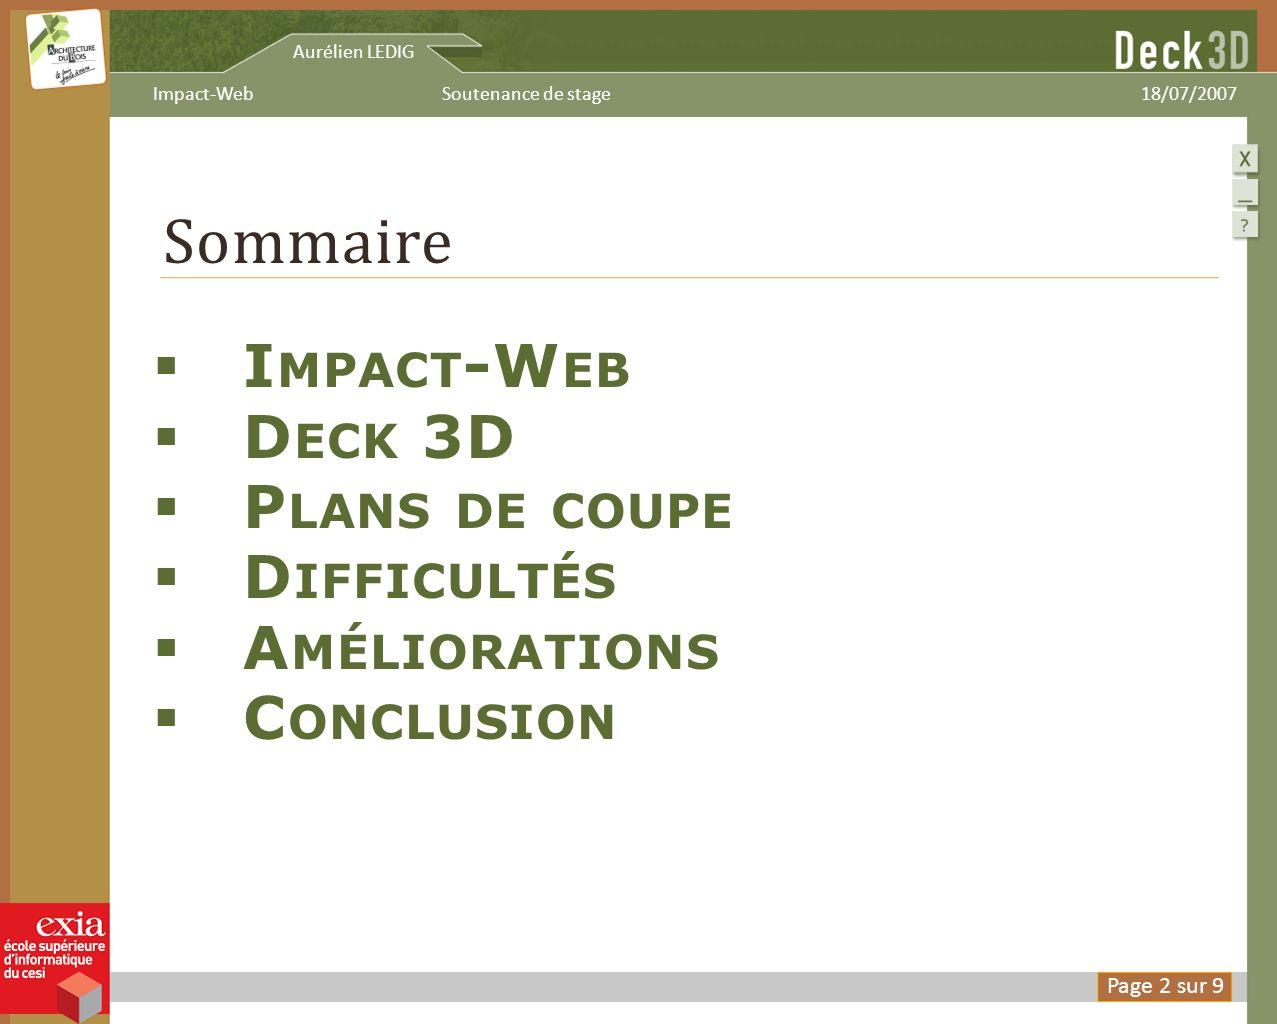 Sommaire I MPACT -W EB D ECK 3D P LANS DE COUPE D IFFICULTÉS A MÉLIORATIONS C ONCLUSION Aurélien LEDIG 18/07/2007Soutenance de stageImpact-Web Page 2